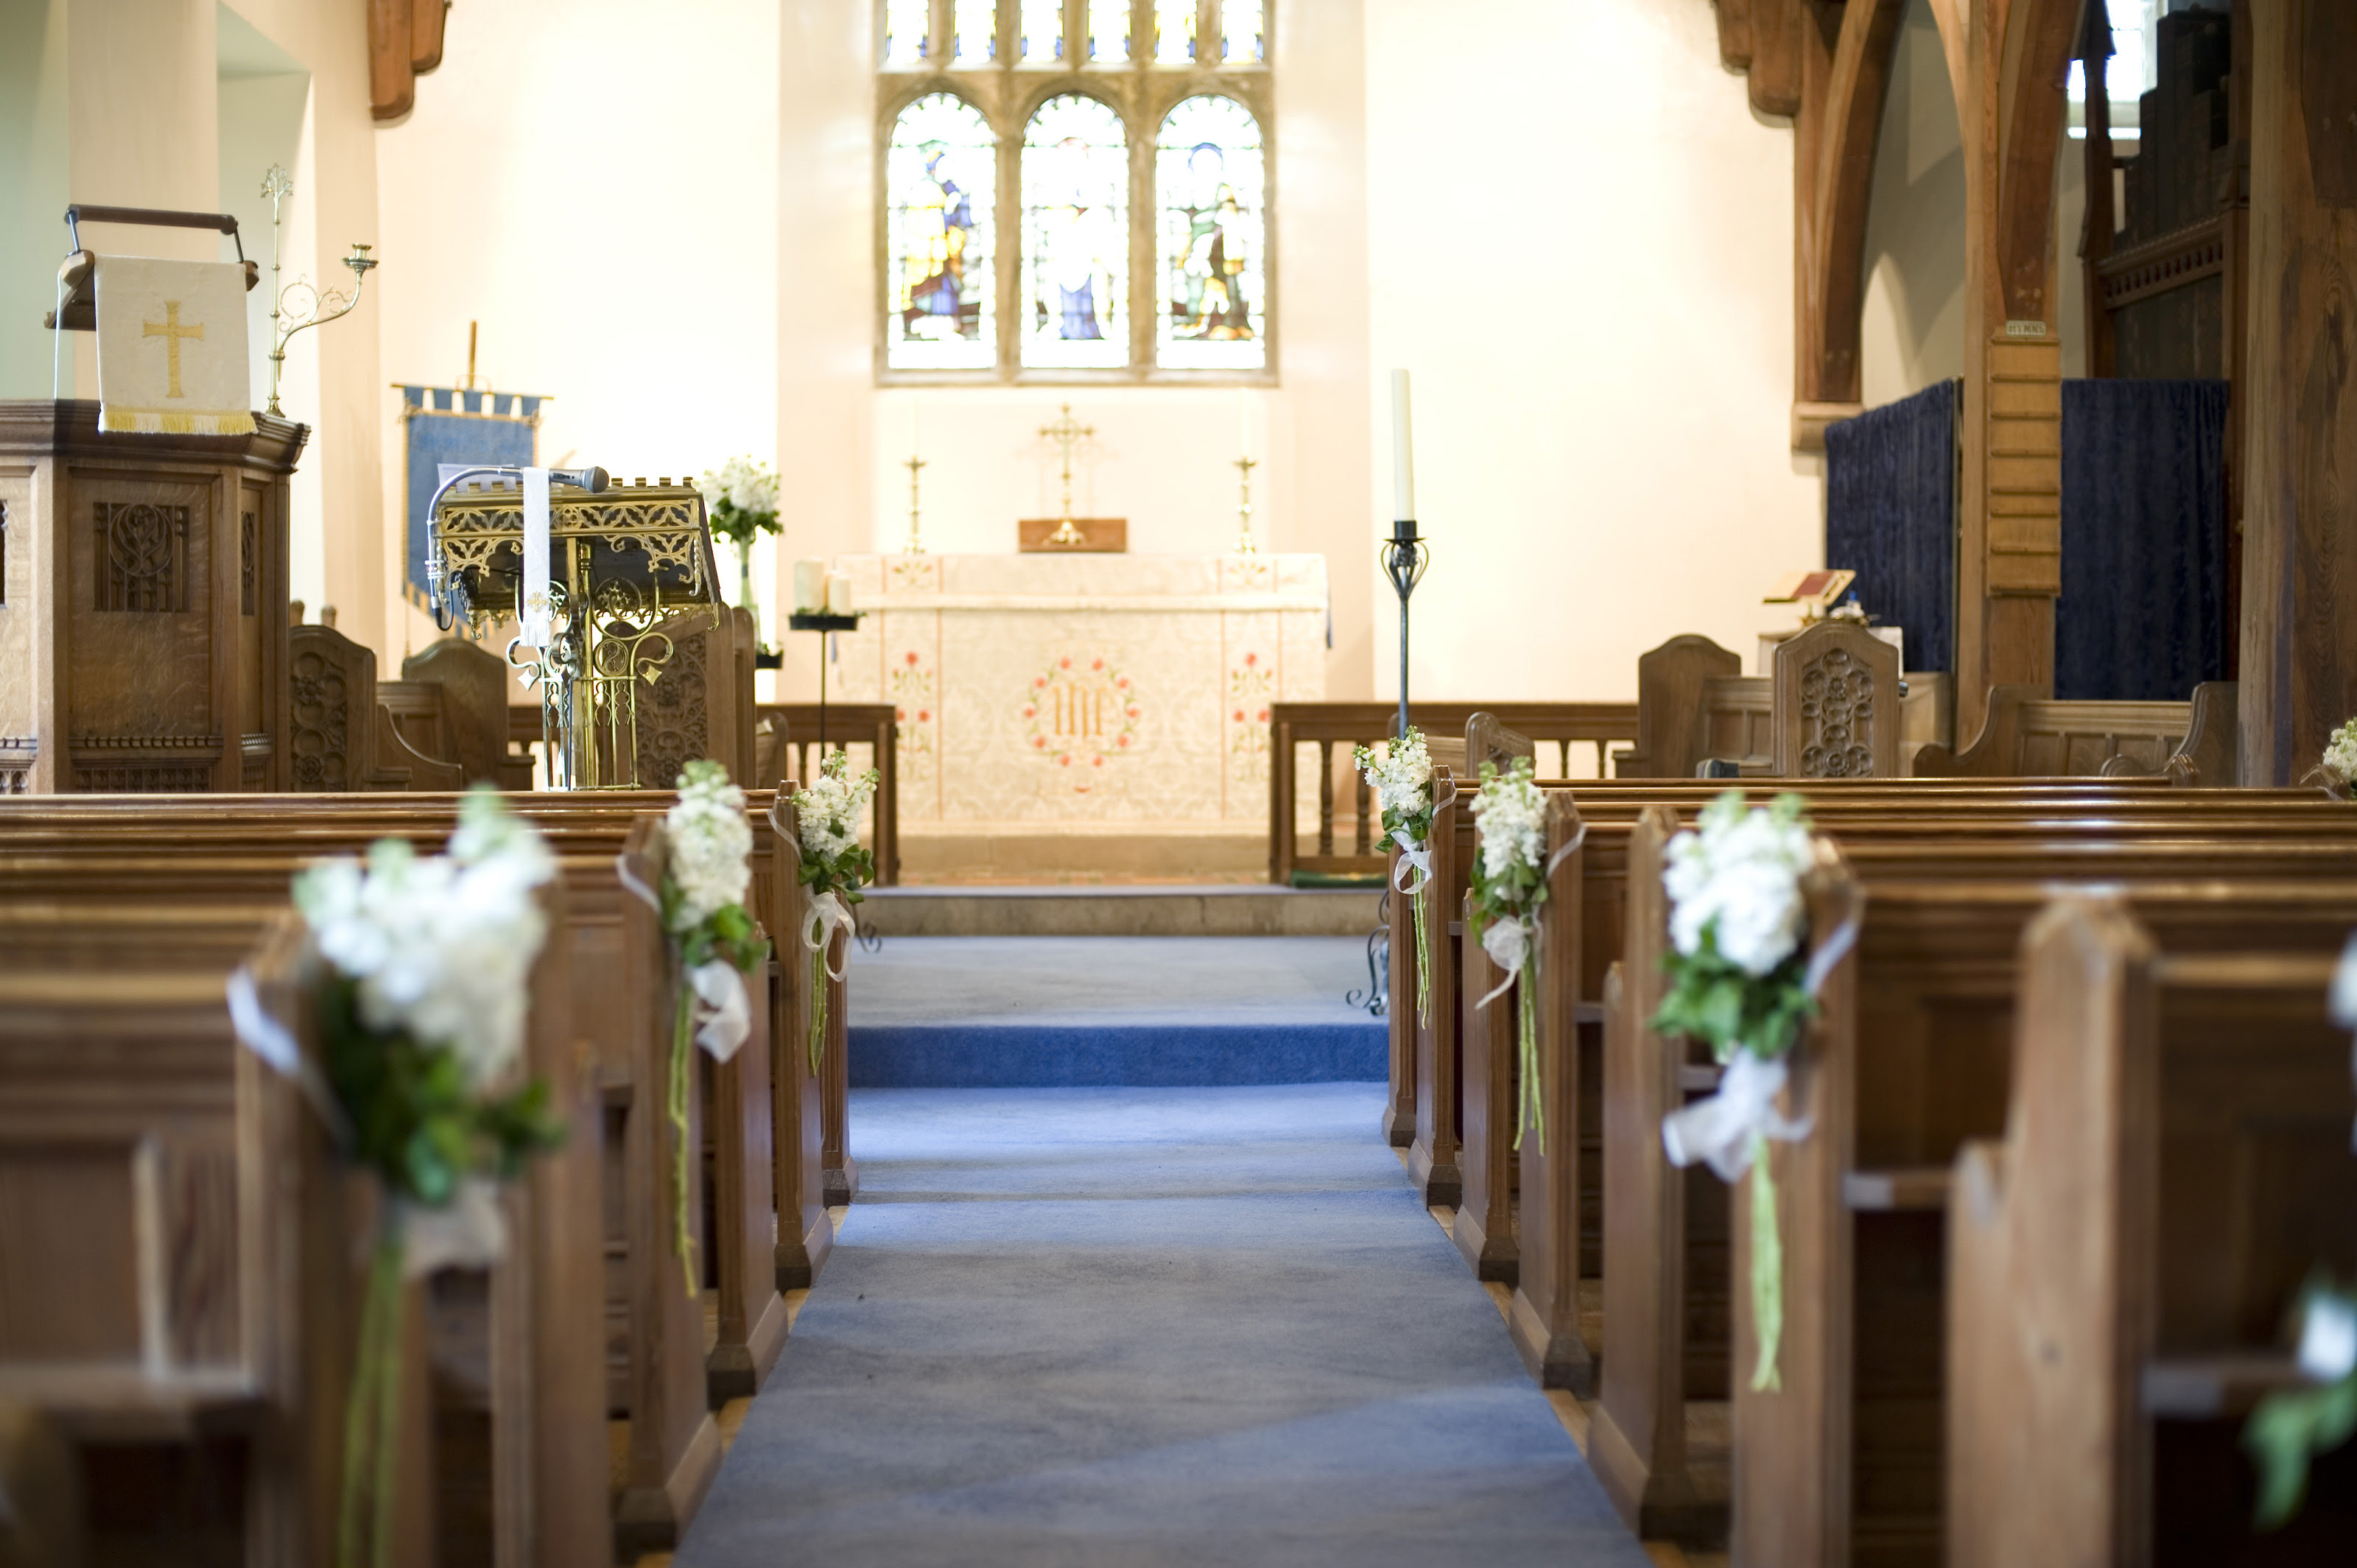 Wedding Decorations In Church